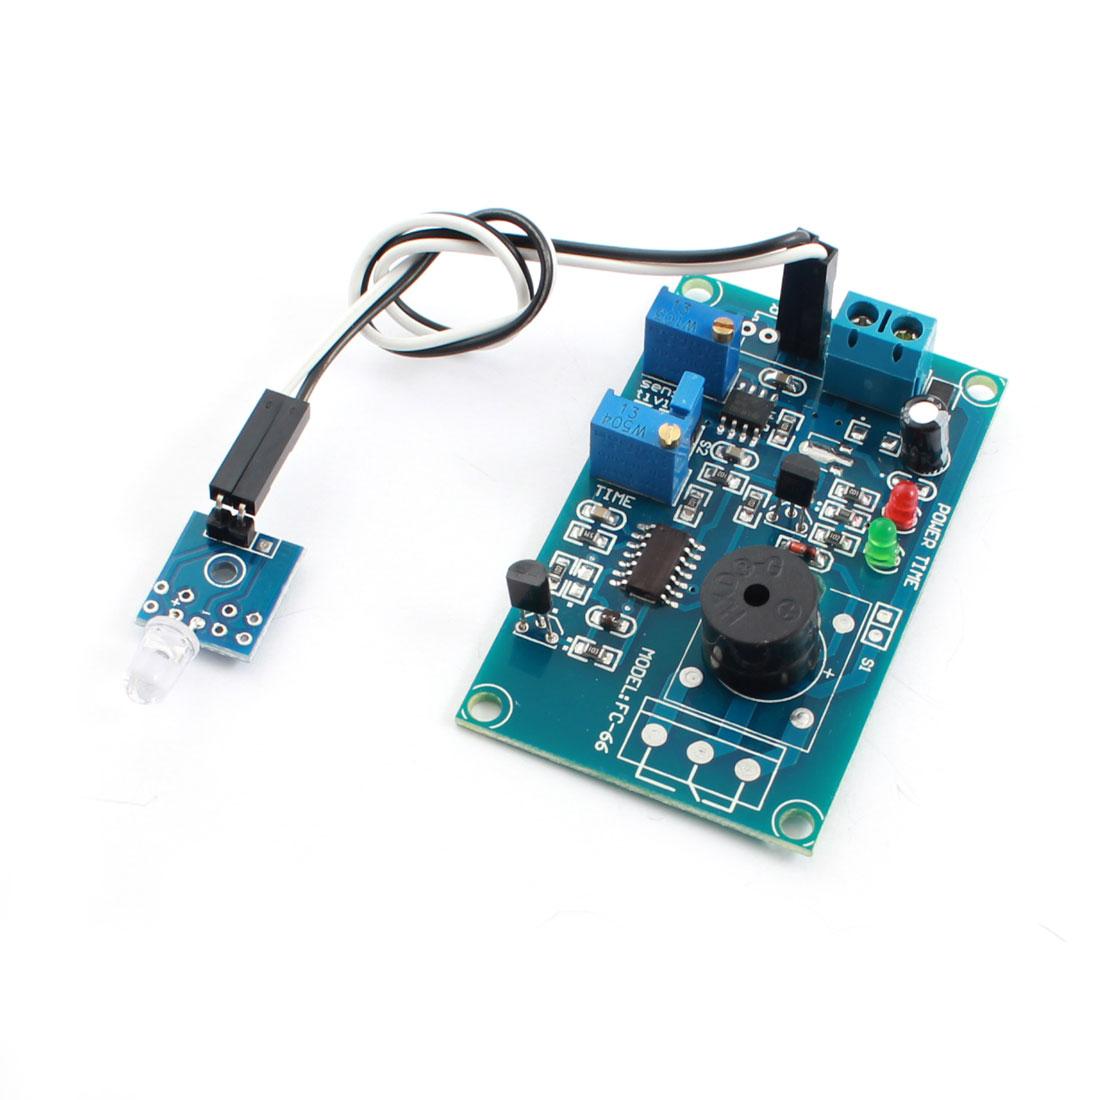 FC-66 DC 5V Photosensitive Diode Photoelectric Sensor Alarm Buzzer Time Delay Module